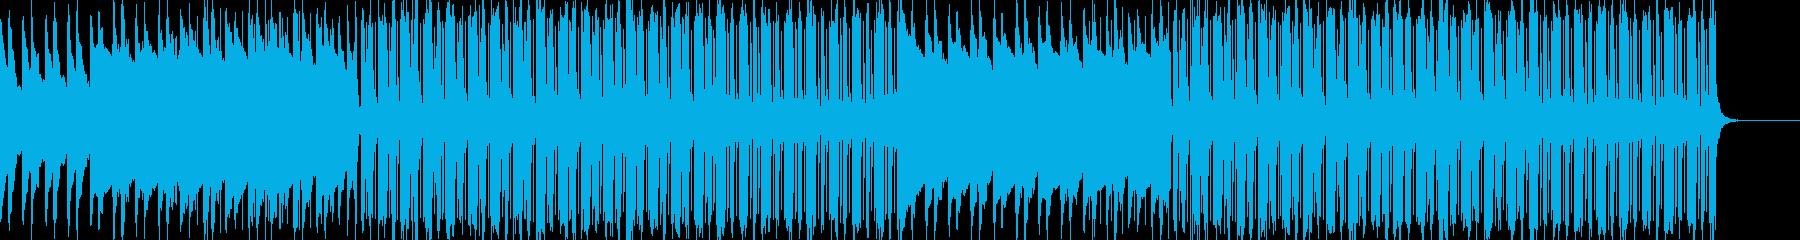 レトロポップの再生済みの波形